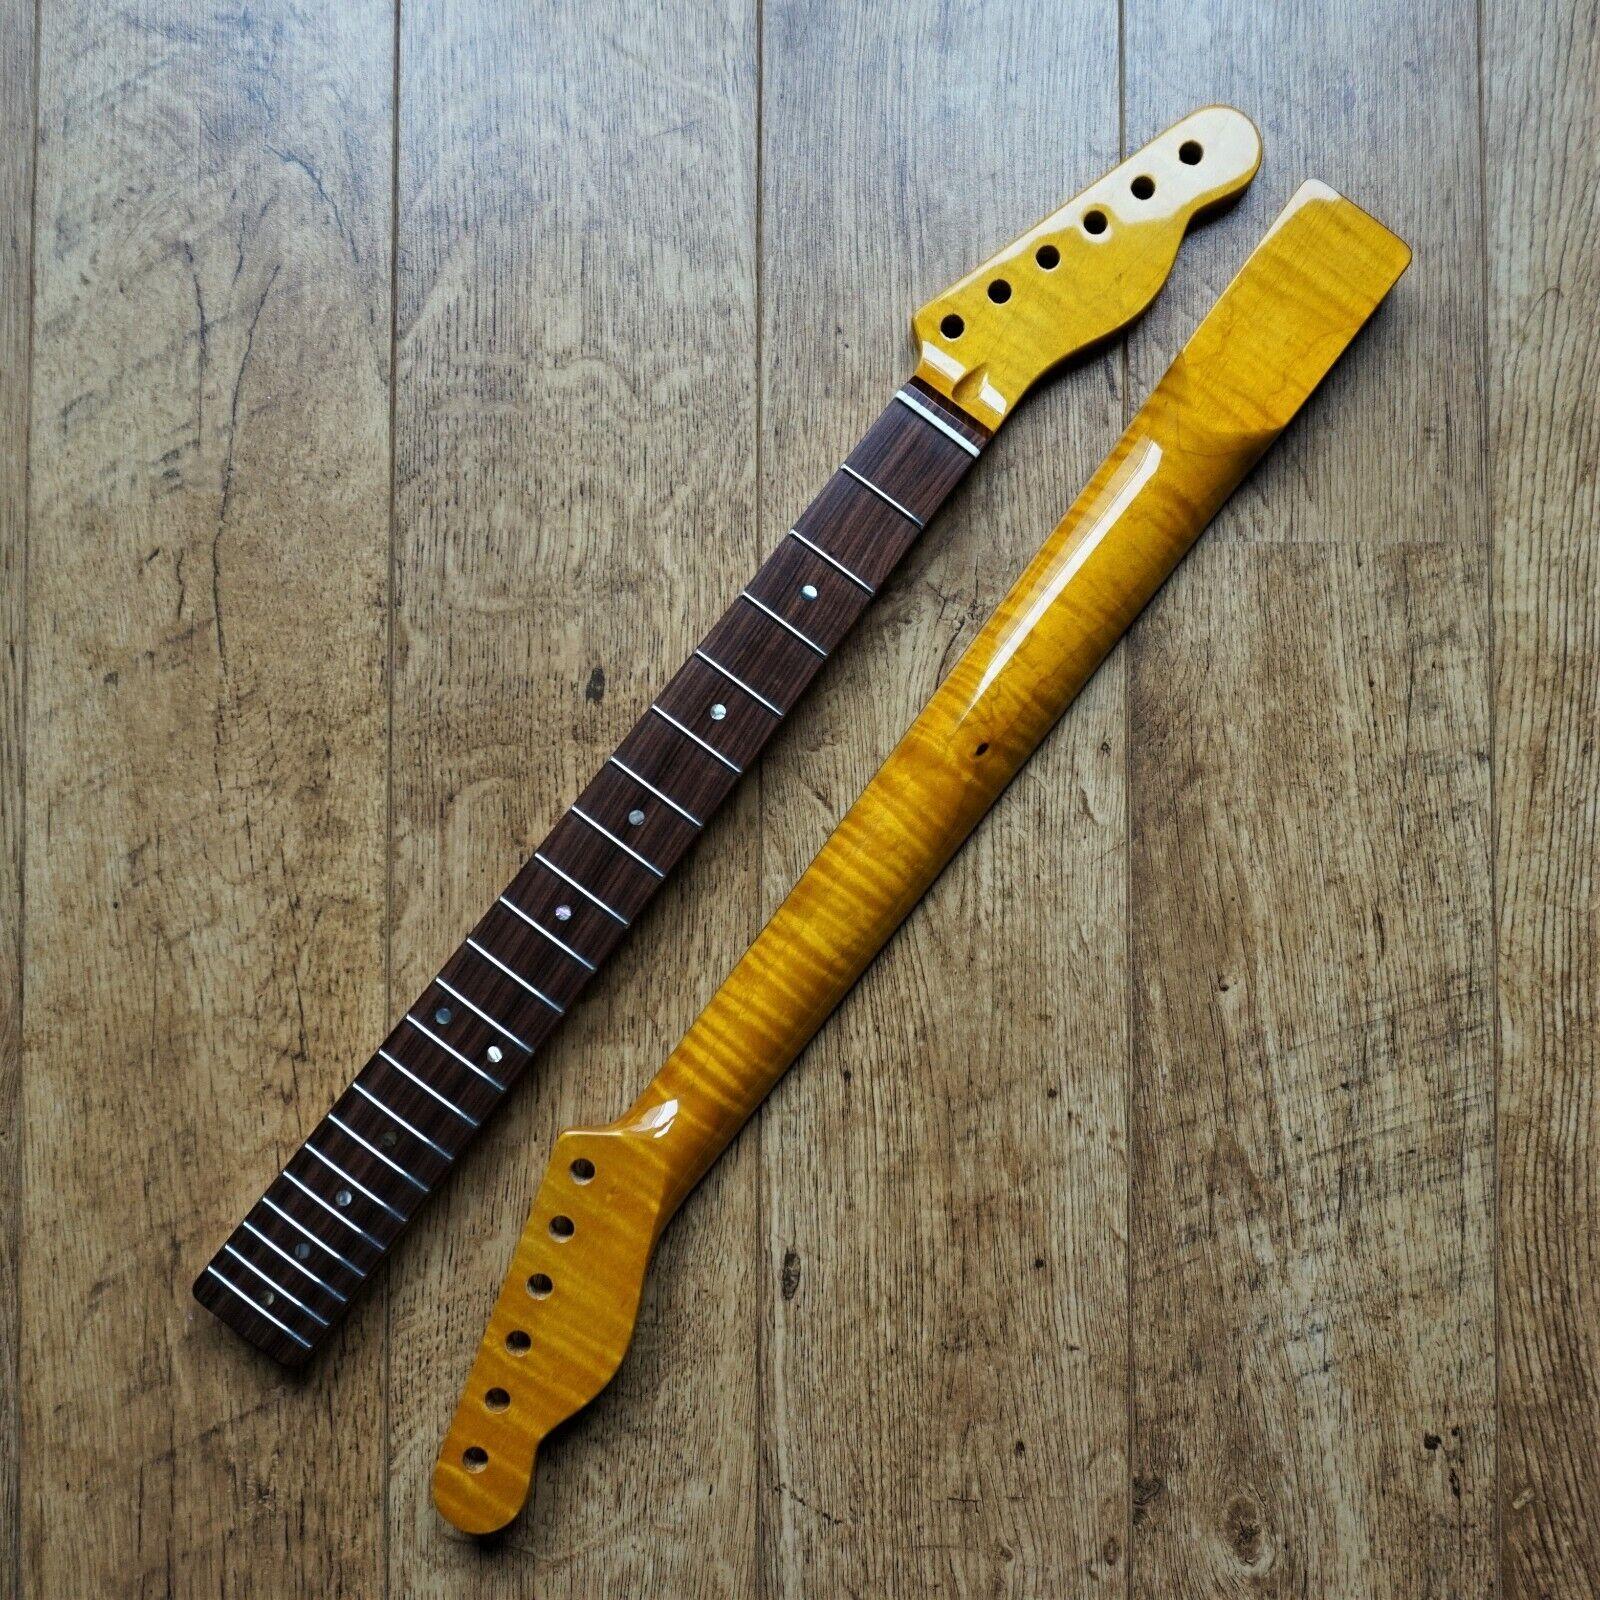 Strat Stratocaster kabukalli FLAME MAPLE Guitar Neck Gloss 22 Fret Jumbo Abalone